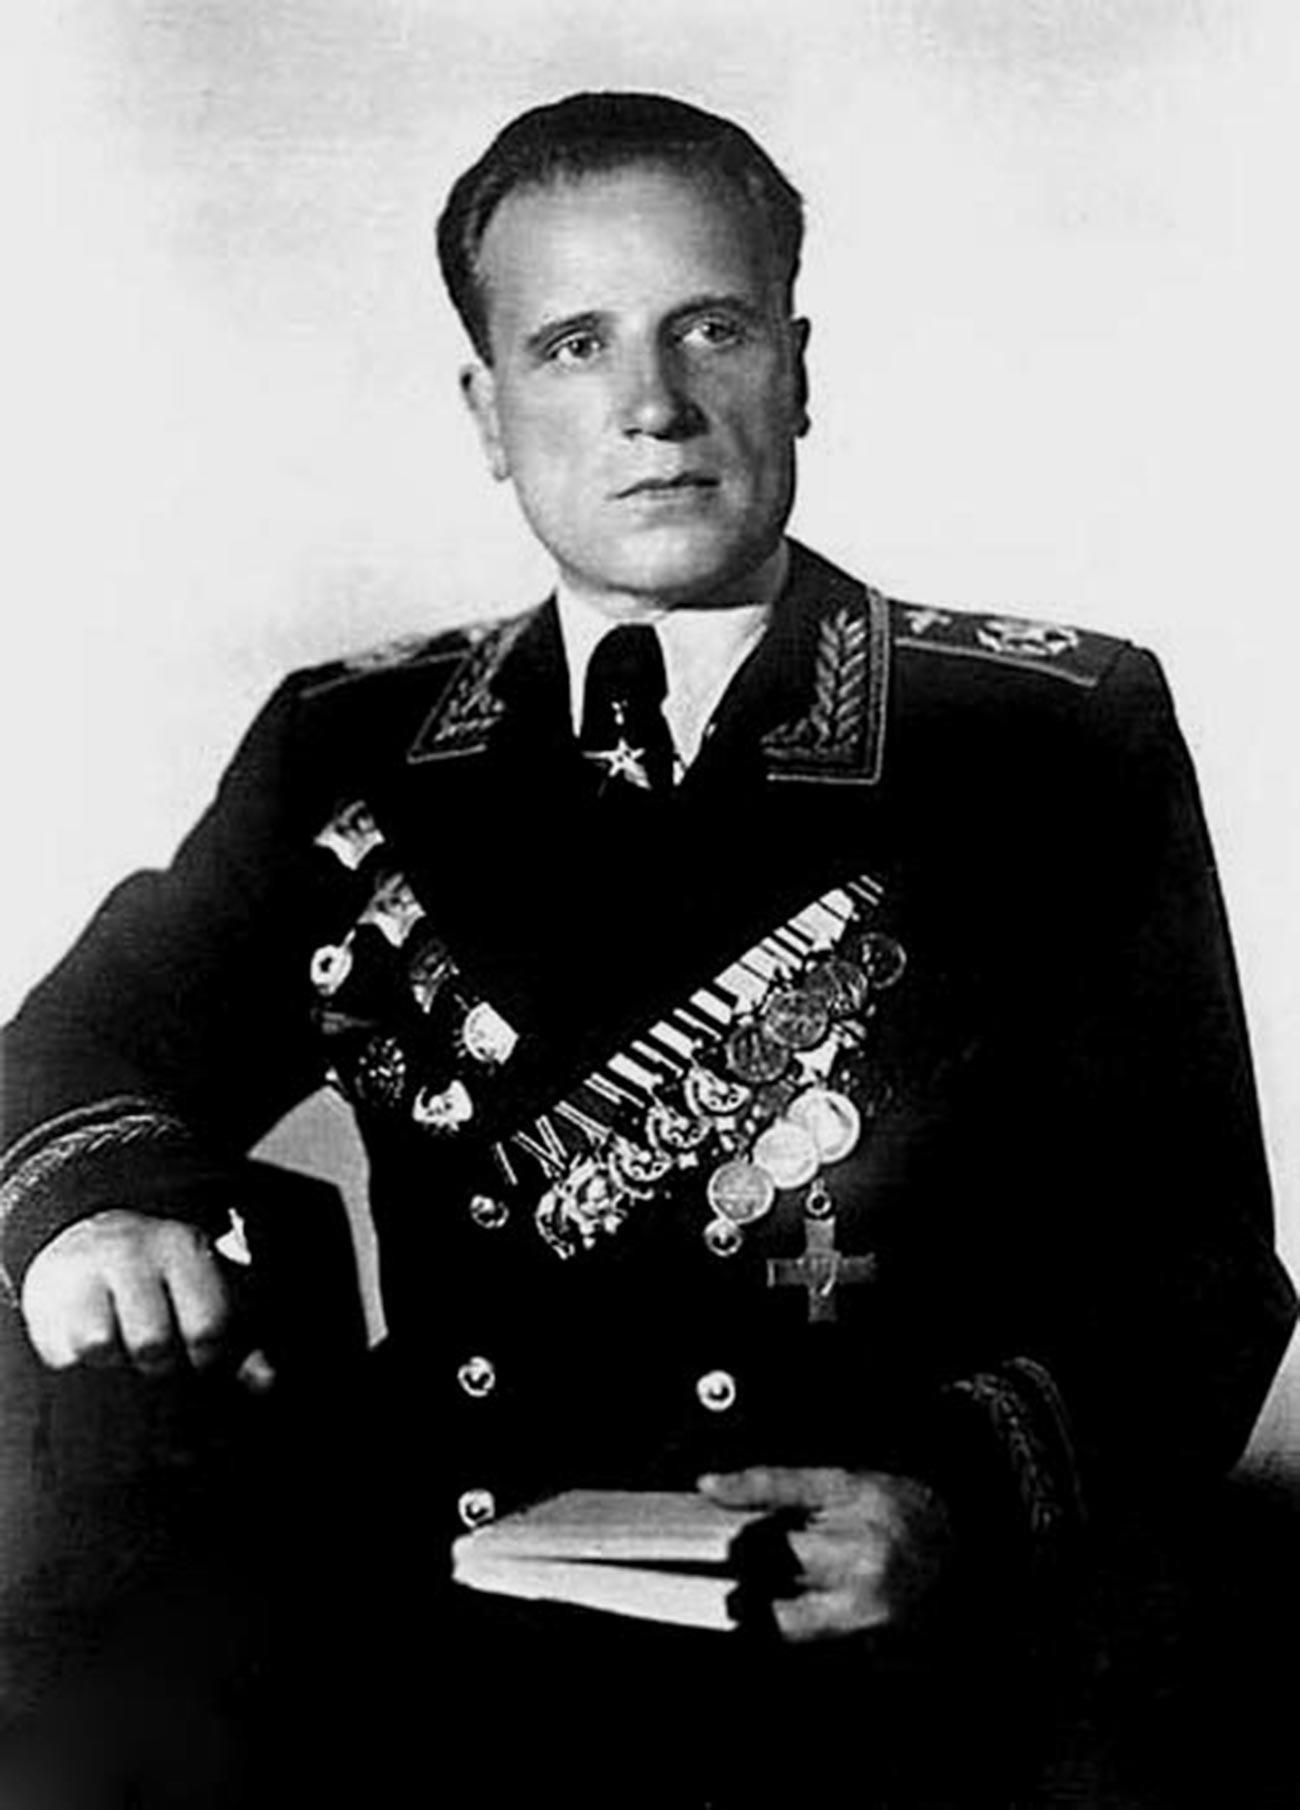 Alexander Golowanow